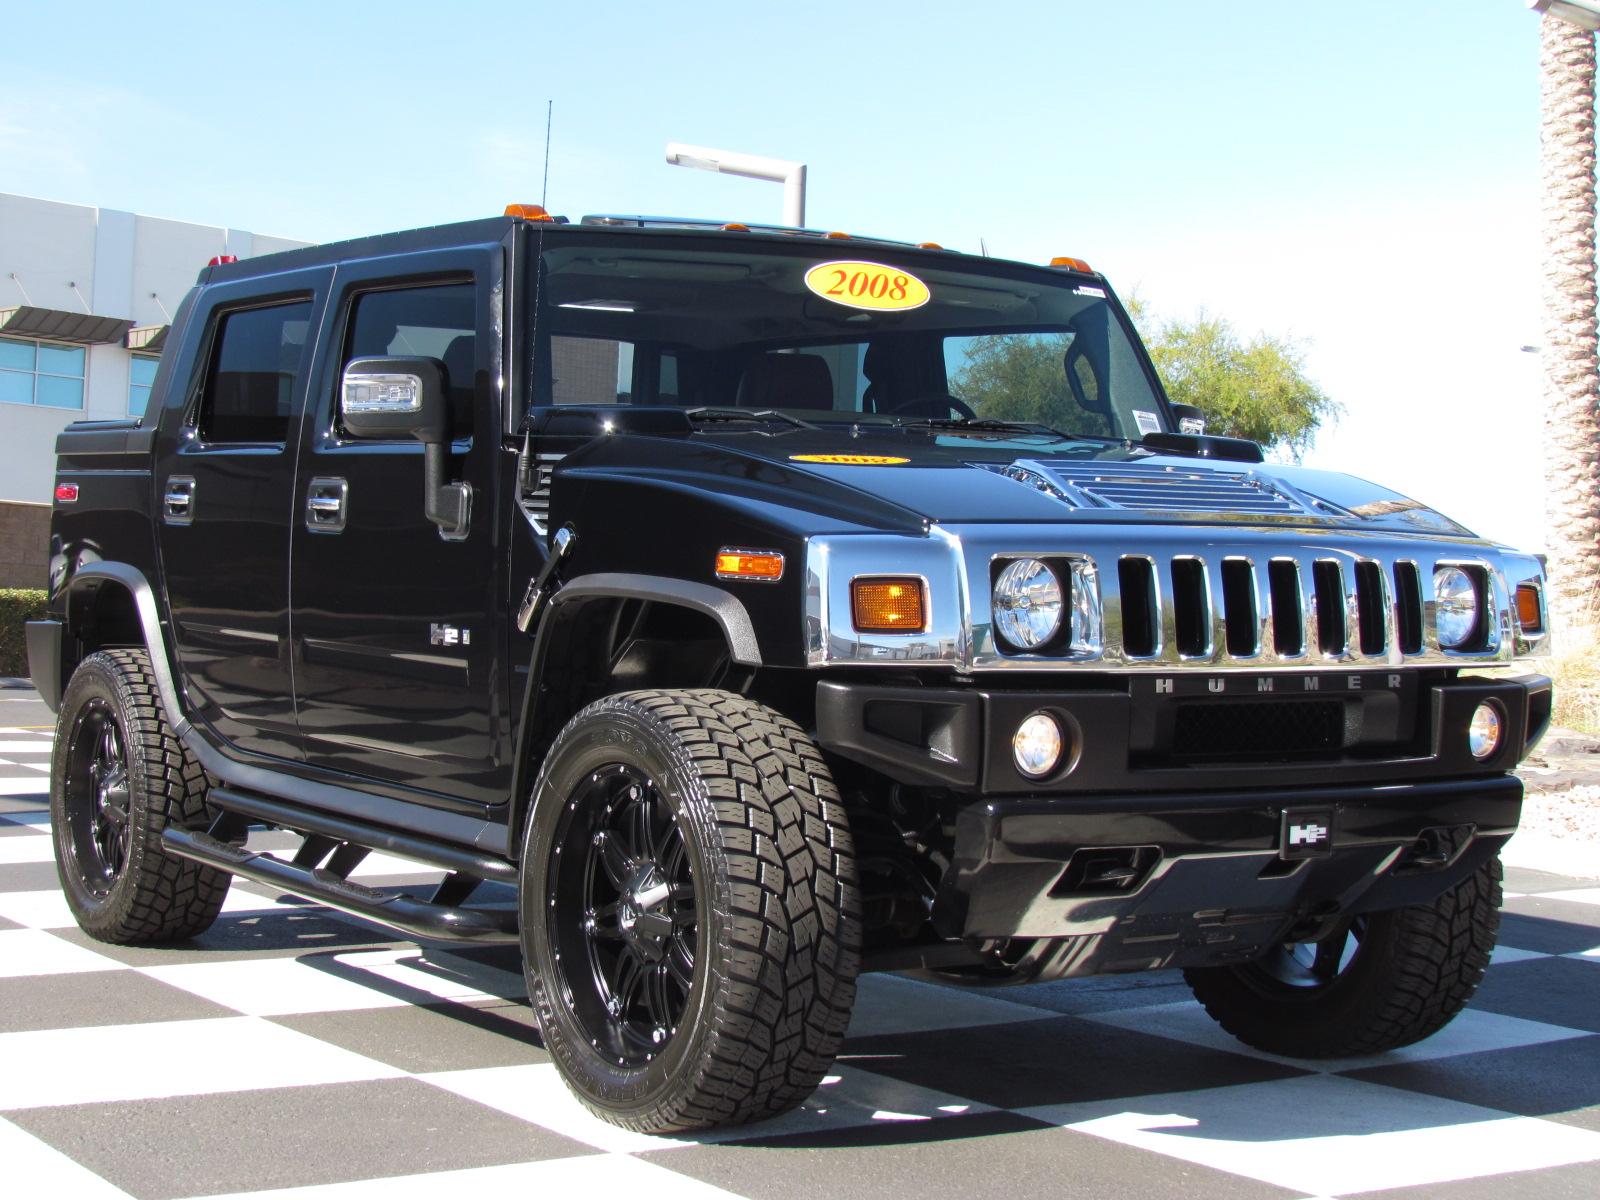 2008 Hummer H2 Sut Image 5